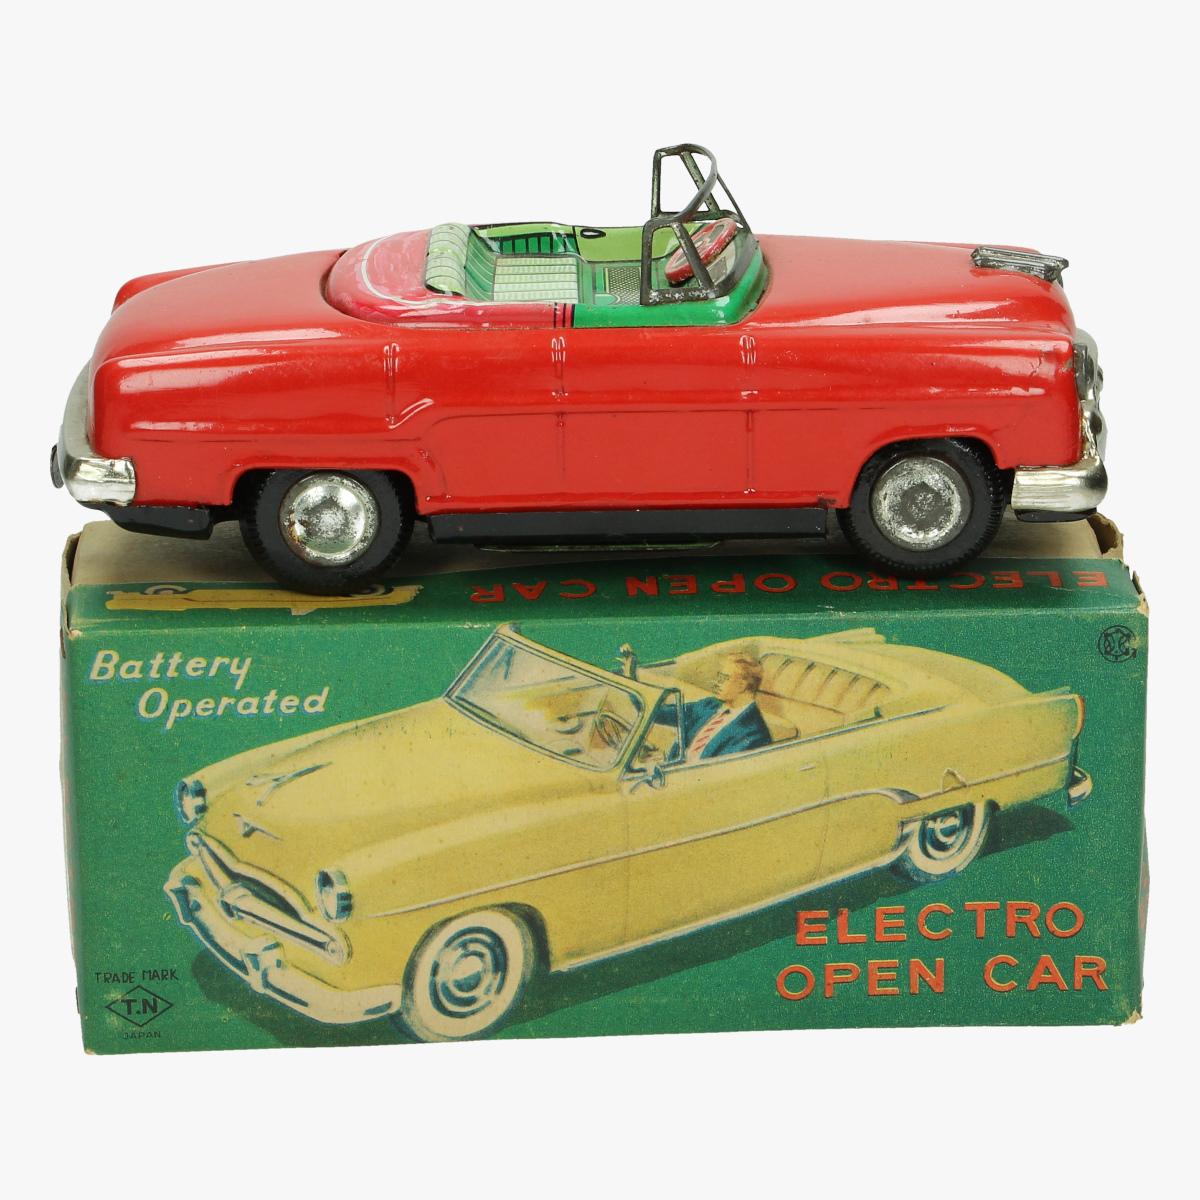 Afbeeldingen van electro open car 1958